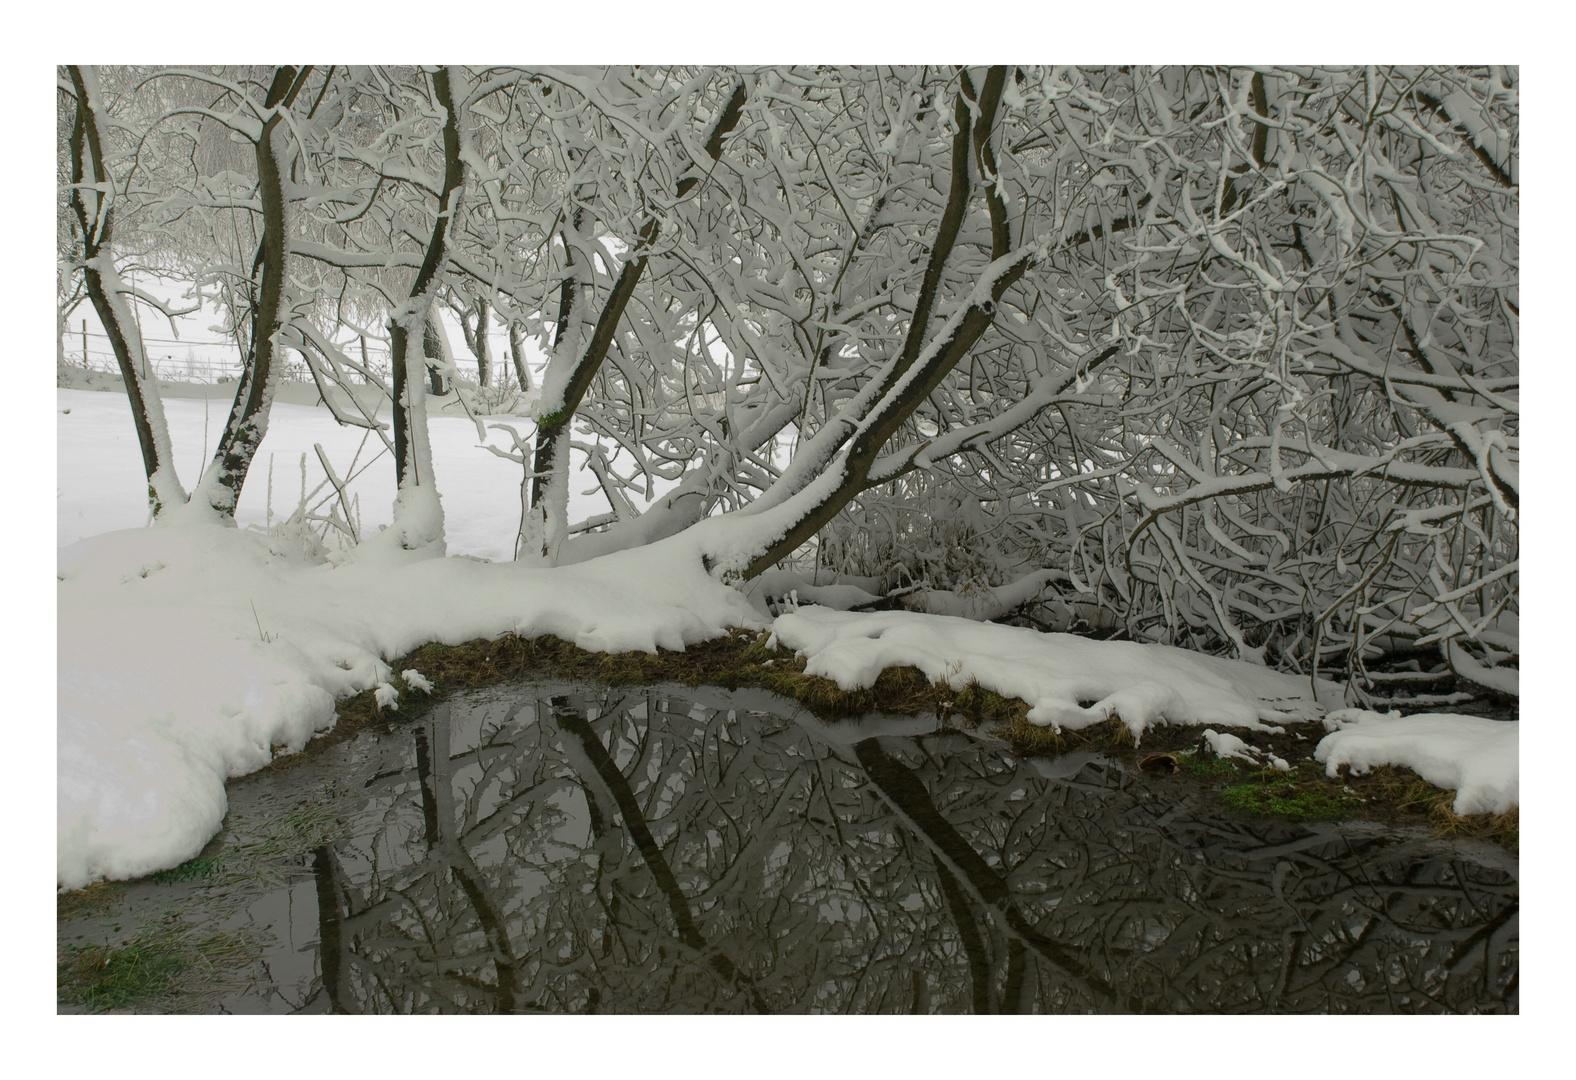 Winter am Tümpel